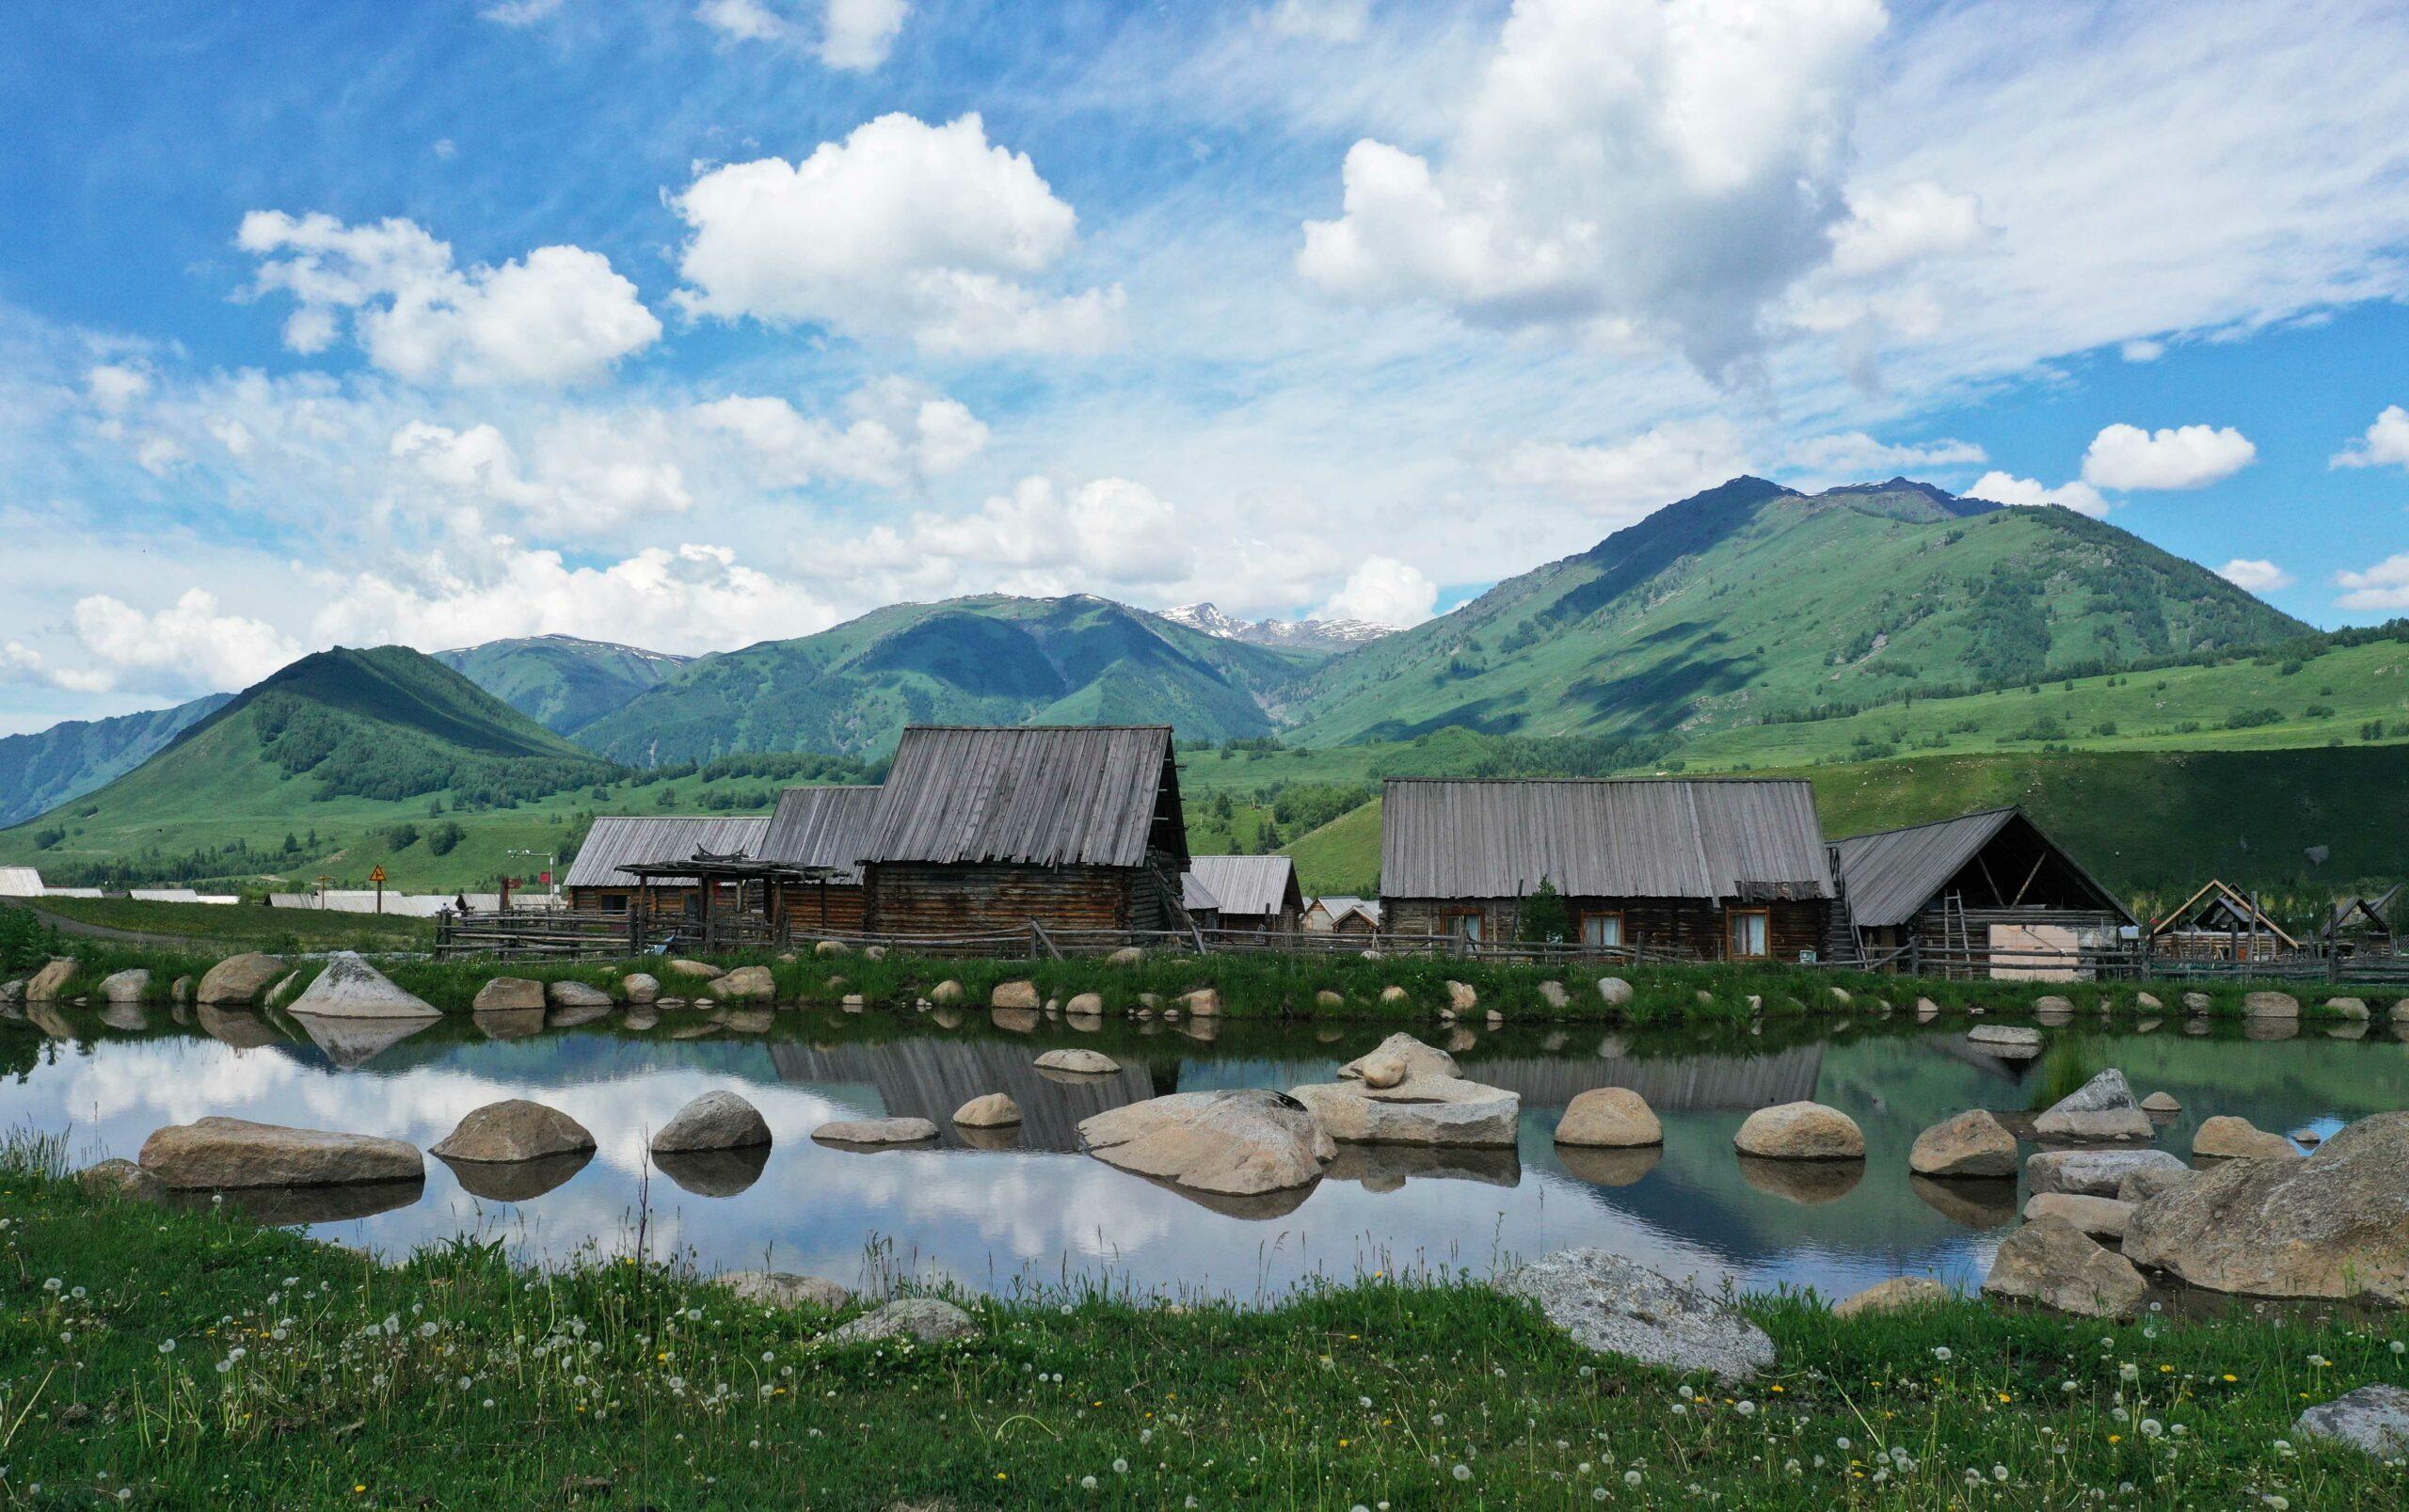 ยลทิวทัศน์รื่นรมย์ของหมู่บ้านกลางป่าเขาซินเจียง